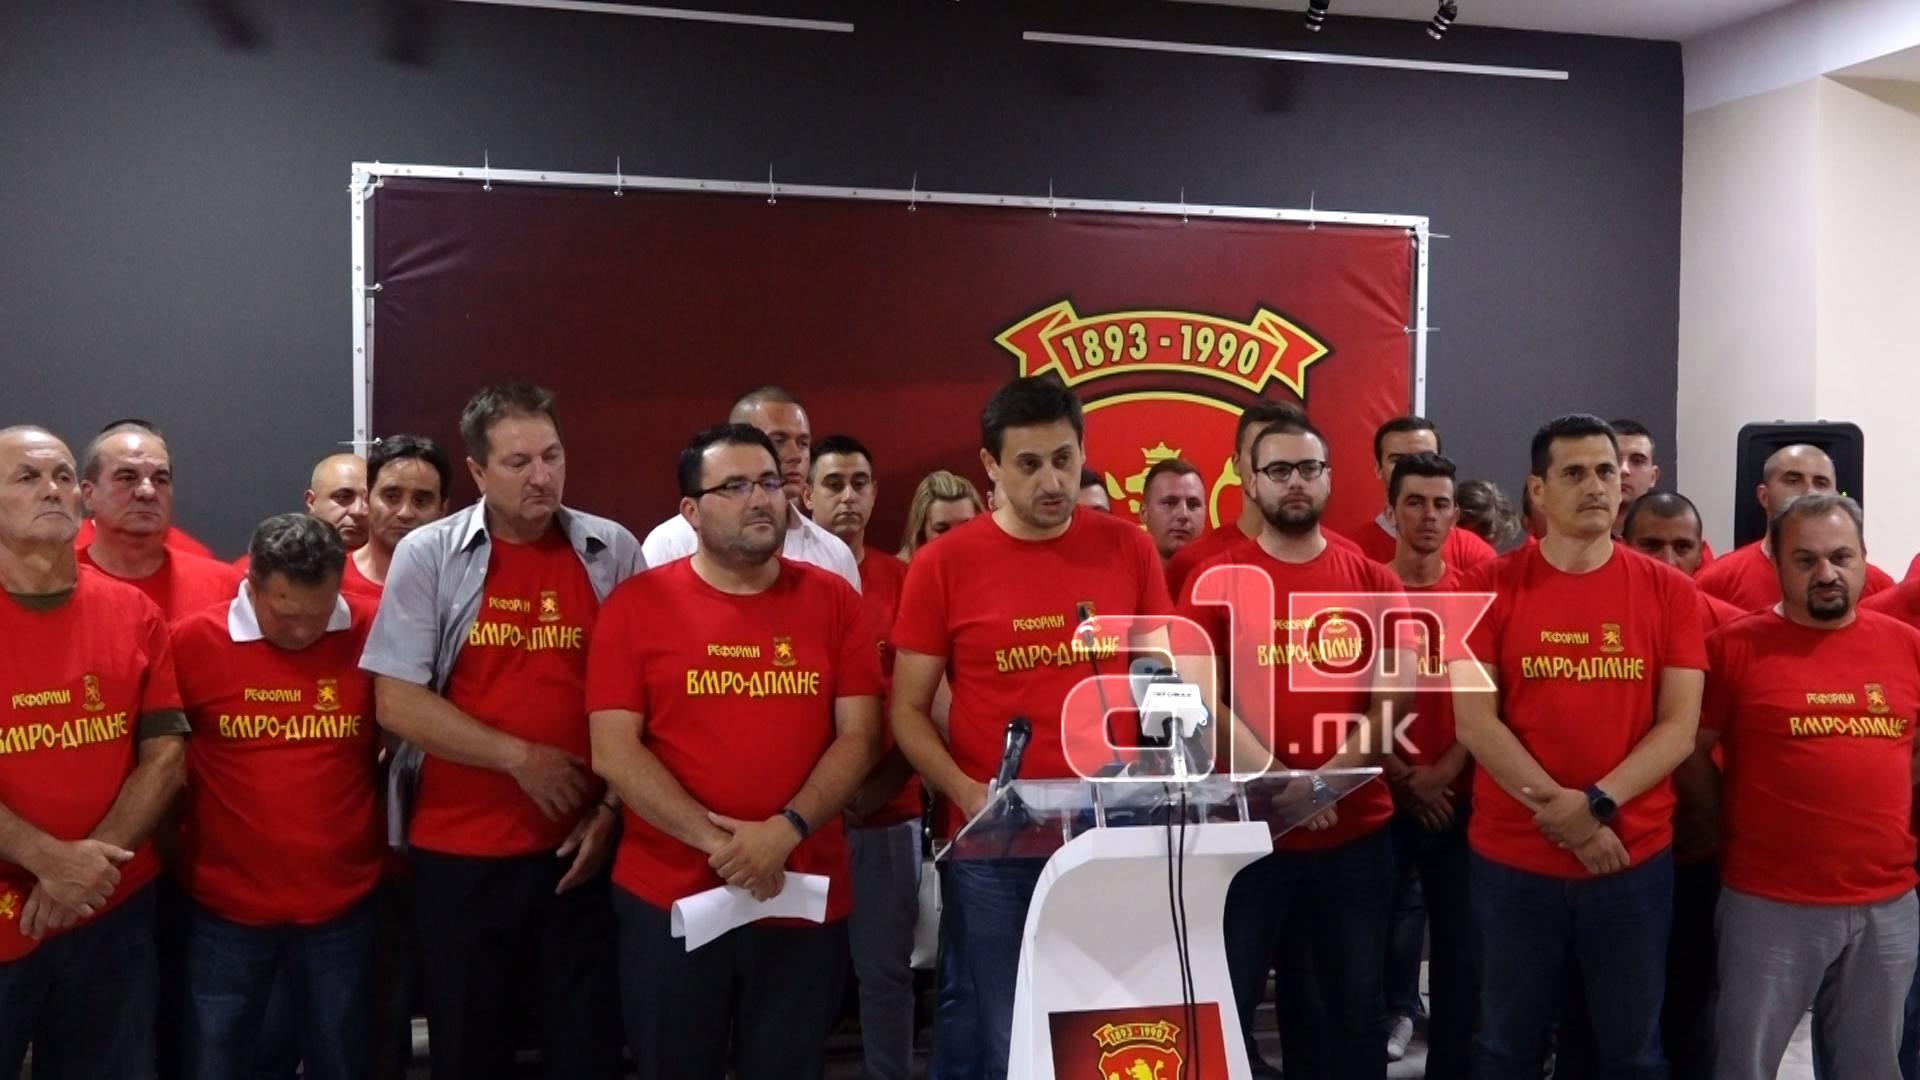 ЦИВИЛ ги повикува реформаторите на ВМРО ДПМНЕ да одговорат што се случувало и што се случува во партијата